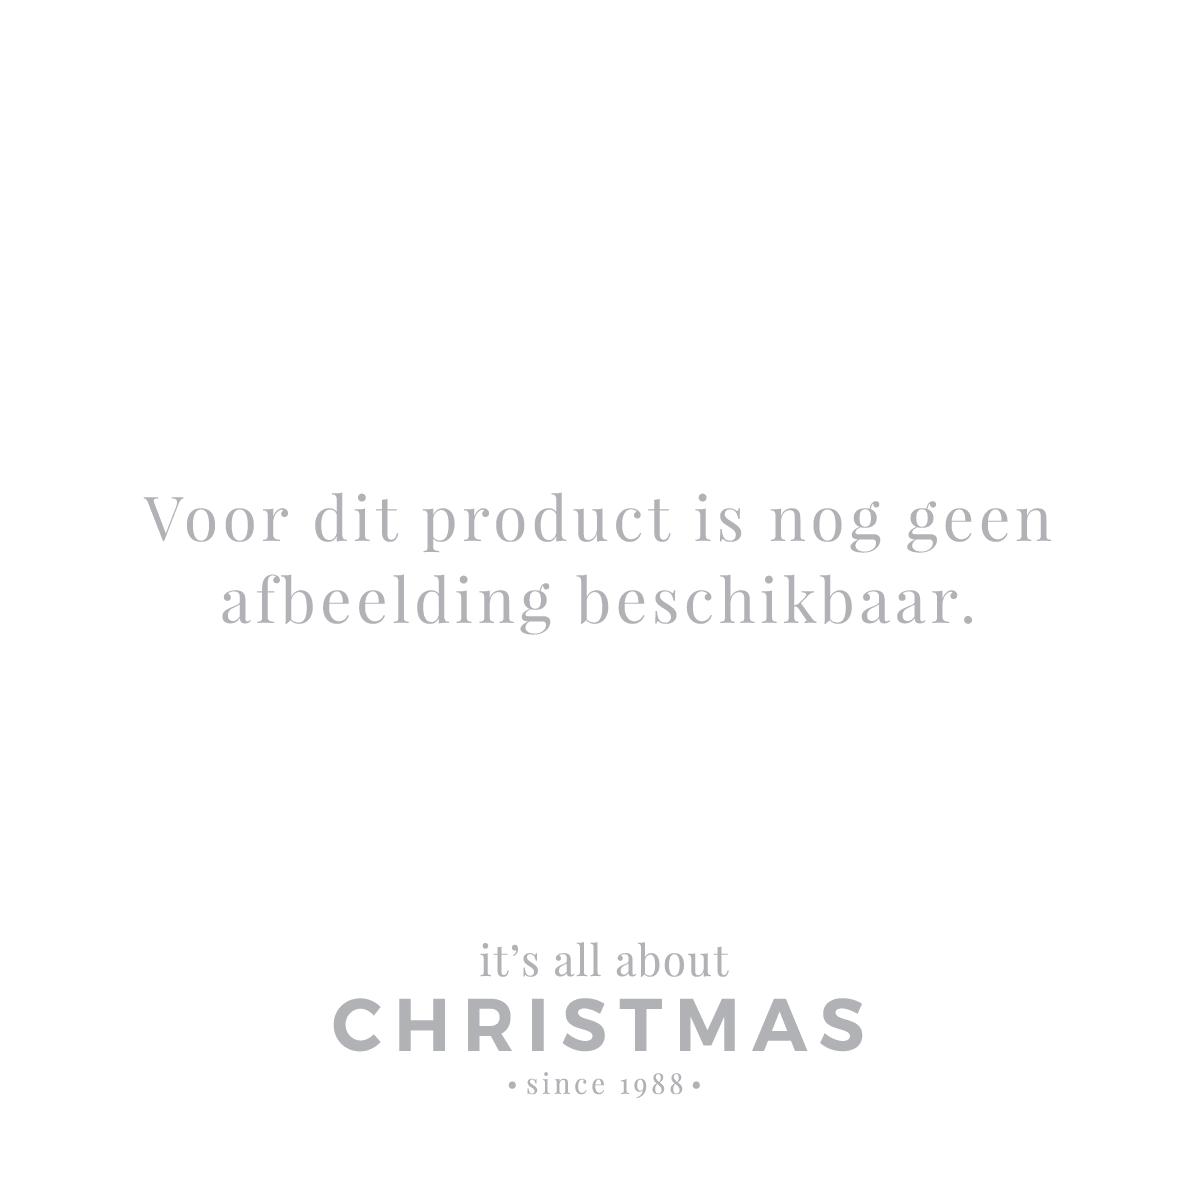 Glitter Weihnachtsschleifen 10cm weiß 3 Stk.